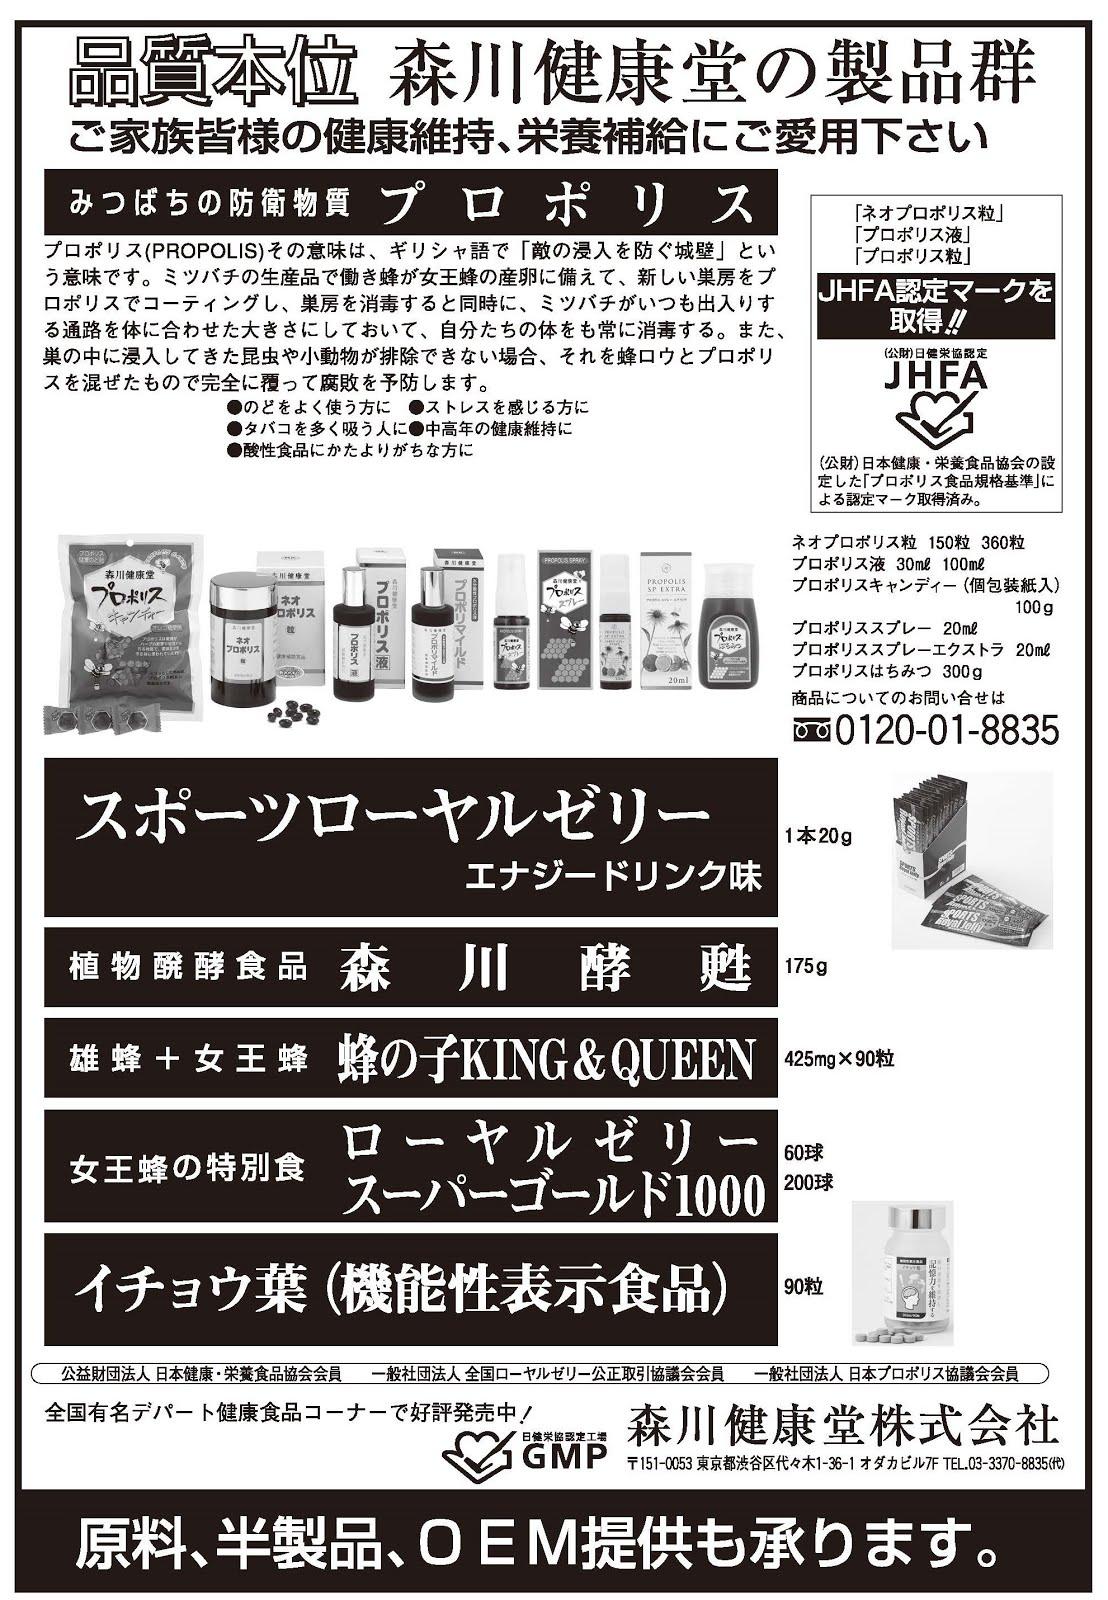 森川健康堂㈱広告